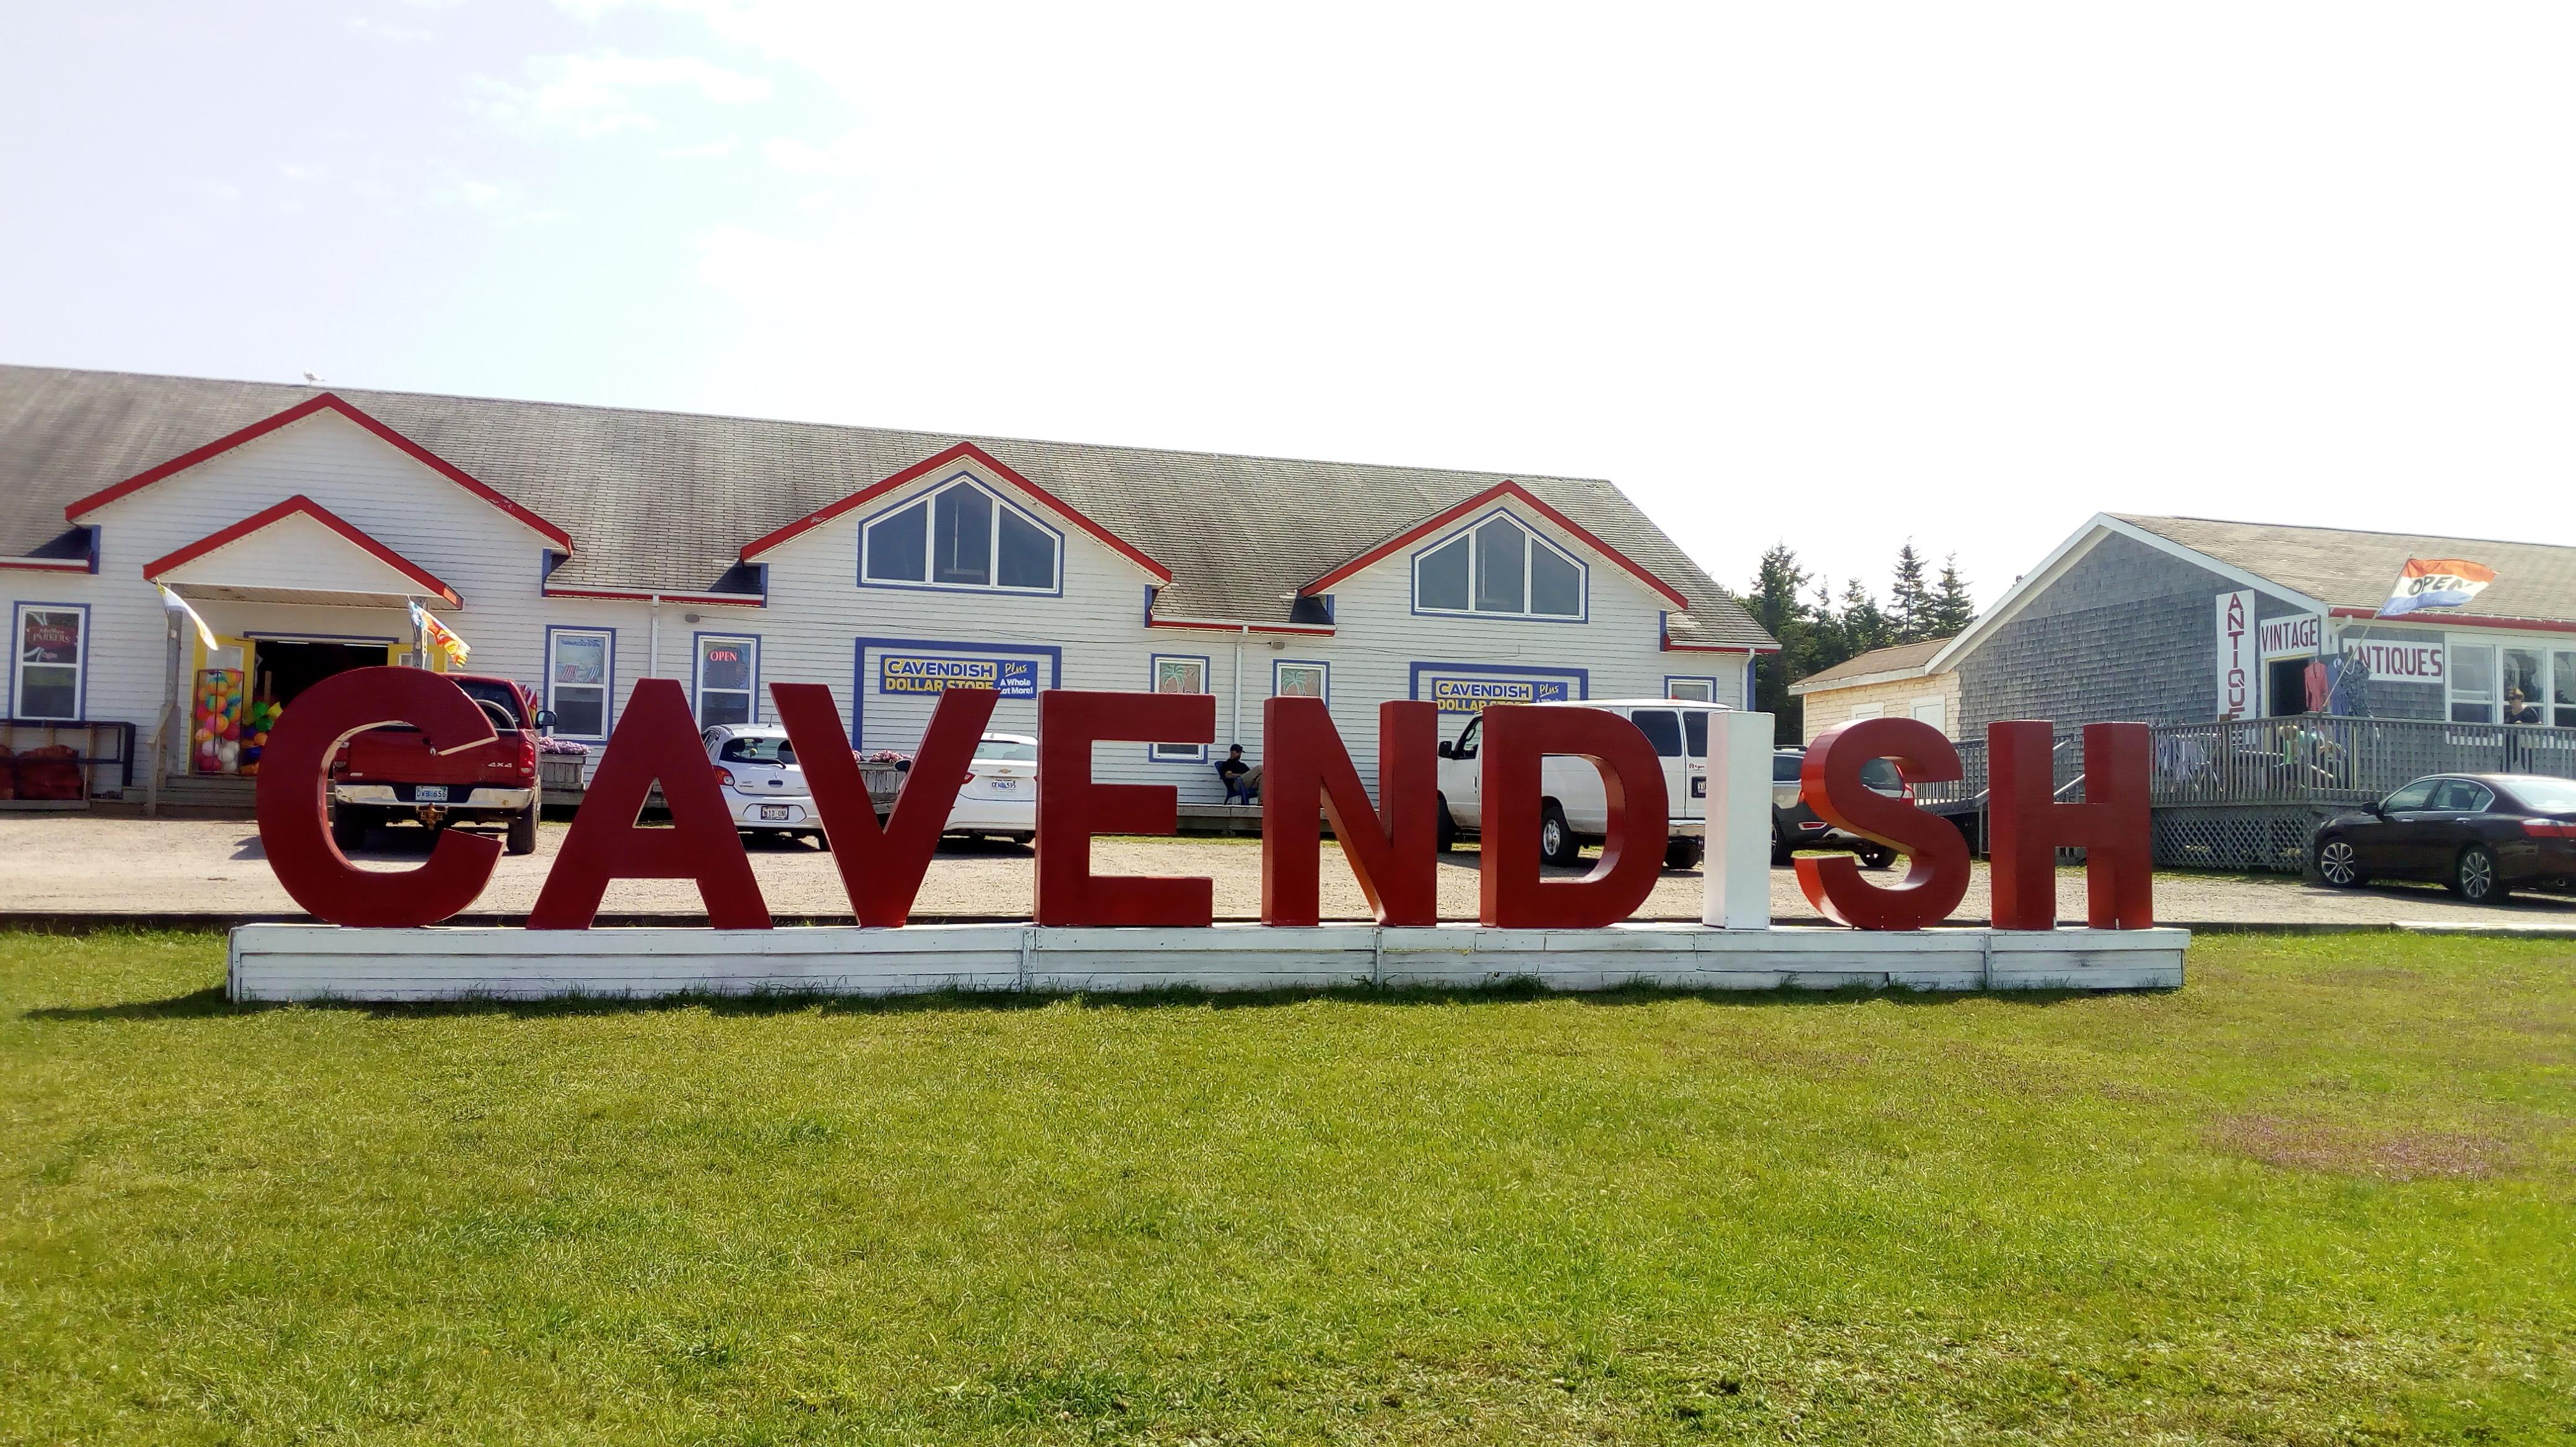 Cavendish itinéraire road trip ile du prince edouard une semaine est canadien